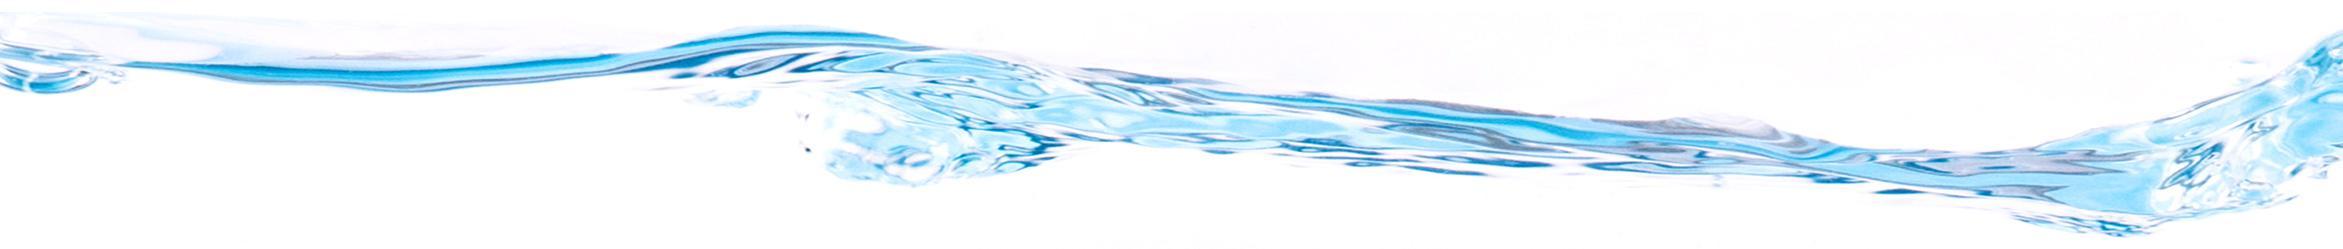 Foto con el agua